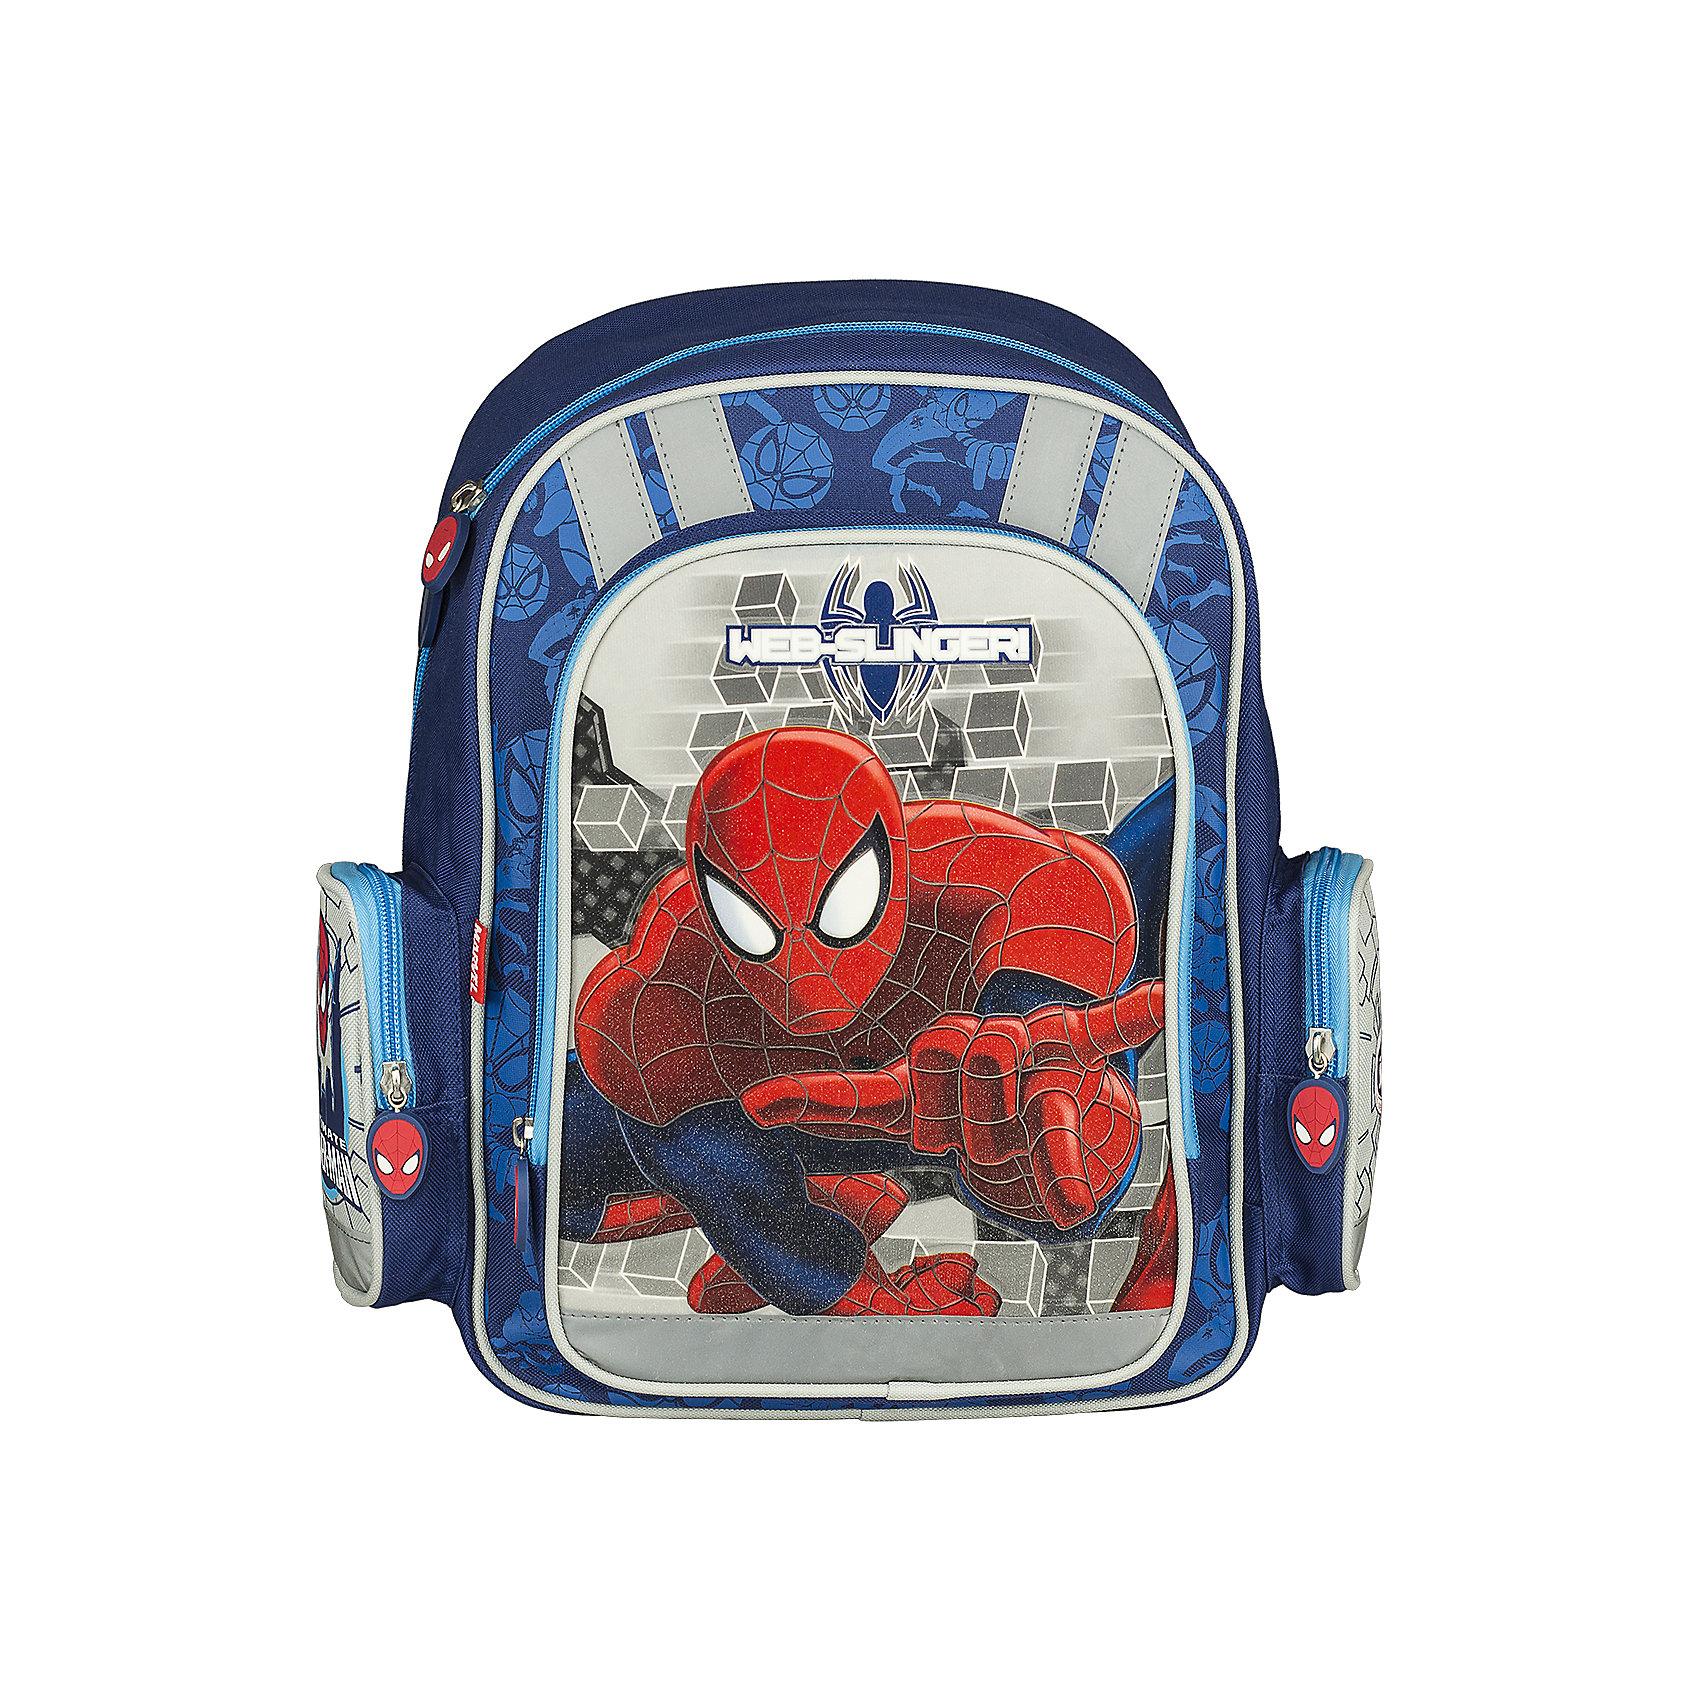 Эргономичный рюкзак с EVA-спинкой, Человек-ПаукЧеловек-Паук<br>Рюкзак эргономичный с EVA-спинкой Spider Man рекомендован детям от 7 лет и старше. Особенно привлекательным этот товар покажется родителям первоклассников. Легкость, безопасность, вместительность, стиль - вот главные характеристики этого рюкзака. Изделие относится к разряду ортопедических средств для переноски школьных принадлежностей.<br>На рюкзаке изображен любимый герой всех мальчиков - Spider-man (Человек-паук). Спинка рюкзака сделана с применением упругого материала EVA, благодаря чему во время эксплуатации позвоночник ребенка не будет испытывать больших нагрузок. Правильную осанку будет поддерживать дополнительный пластиковый элемент. Задняя поверхность ортопедического рюкзака с EVA-спинкой Человек Паук покрыта сеточкой. Лямки широкие. Их можно регулировать в зависимости от роста ребенка. Внутри имеются 2 вертикальные вставки, которые делят пространство рюкзака на несколько секторов. Сверху расположена большая ручка для переноски. У рюкзака есть большой фронтальный карман на молнии и два небольших боковых закрывающихся отделения. Для безопасности ребенка на дороге предусмотрены светоотражающие элементы.<br><br>Дополнительная информация:<br><br>- размер: 38х36х16 см.<br>- материал: полиэстер<br>- вес: 579 г<br><br>Рюкзак ортопедический с EVA-спинкой Spider Man можно купить в нашем магазине.<br><br>Ширина мм: 380<br>Глубина мм: 290<br>Высота мм: 130<br>Вес г: 735<br>Возраст от месяцев: 48<br>Возраст до месяцев: 84<br>Пол: Мужской<br>Возраст: Детский<br>SKU: 3562967